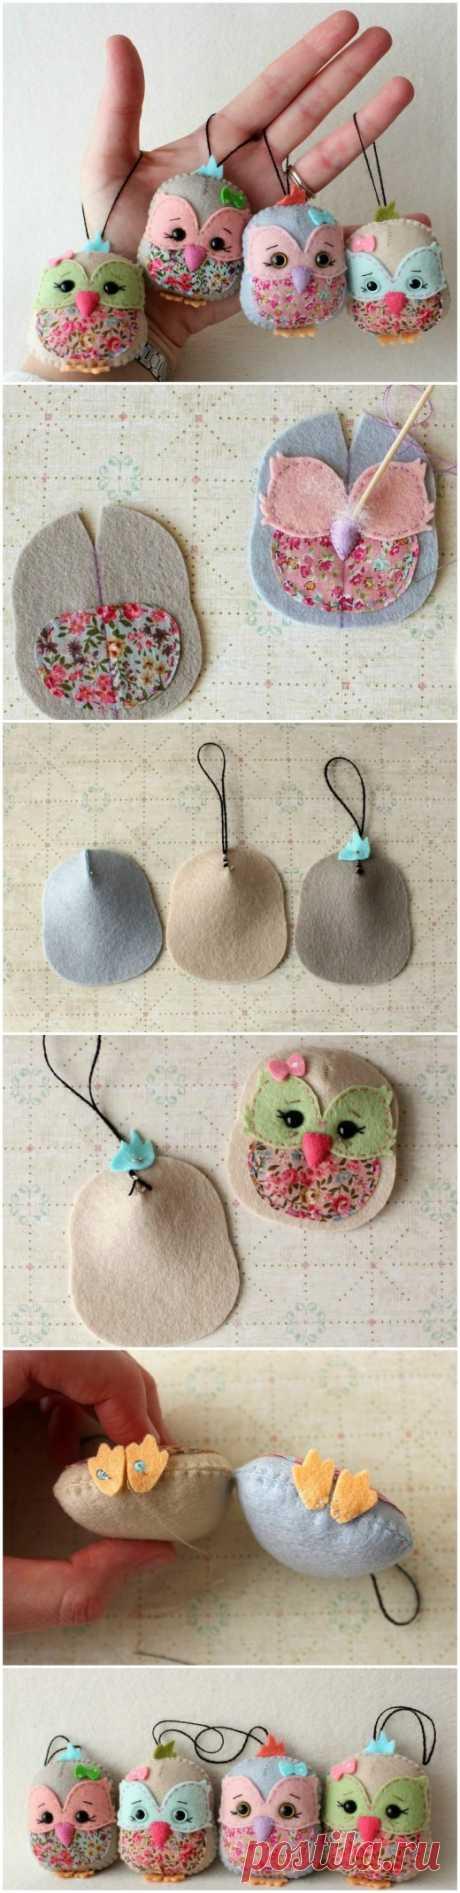 Gingermelon Dolls: Free Pattern – Little Lark Lavender Sachet | DIY Fun Tips